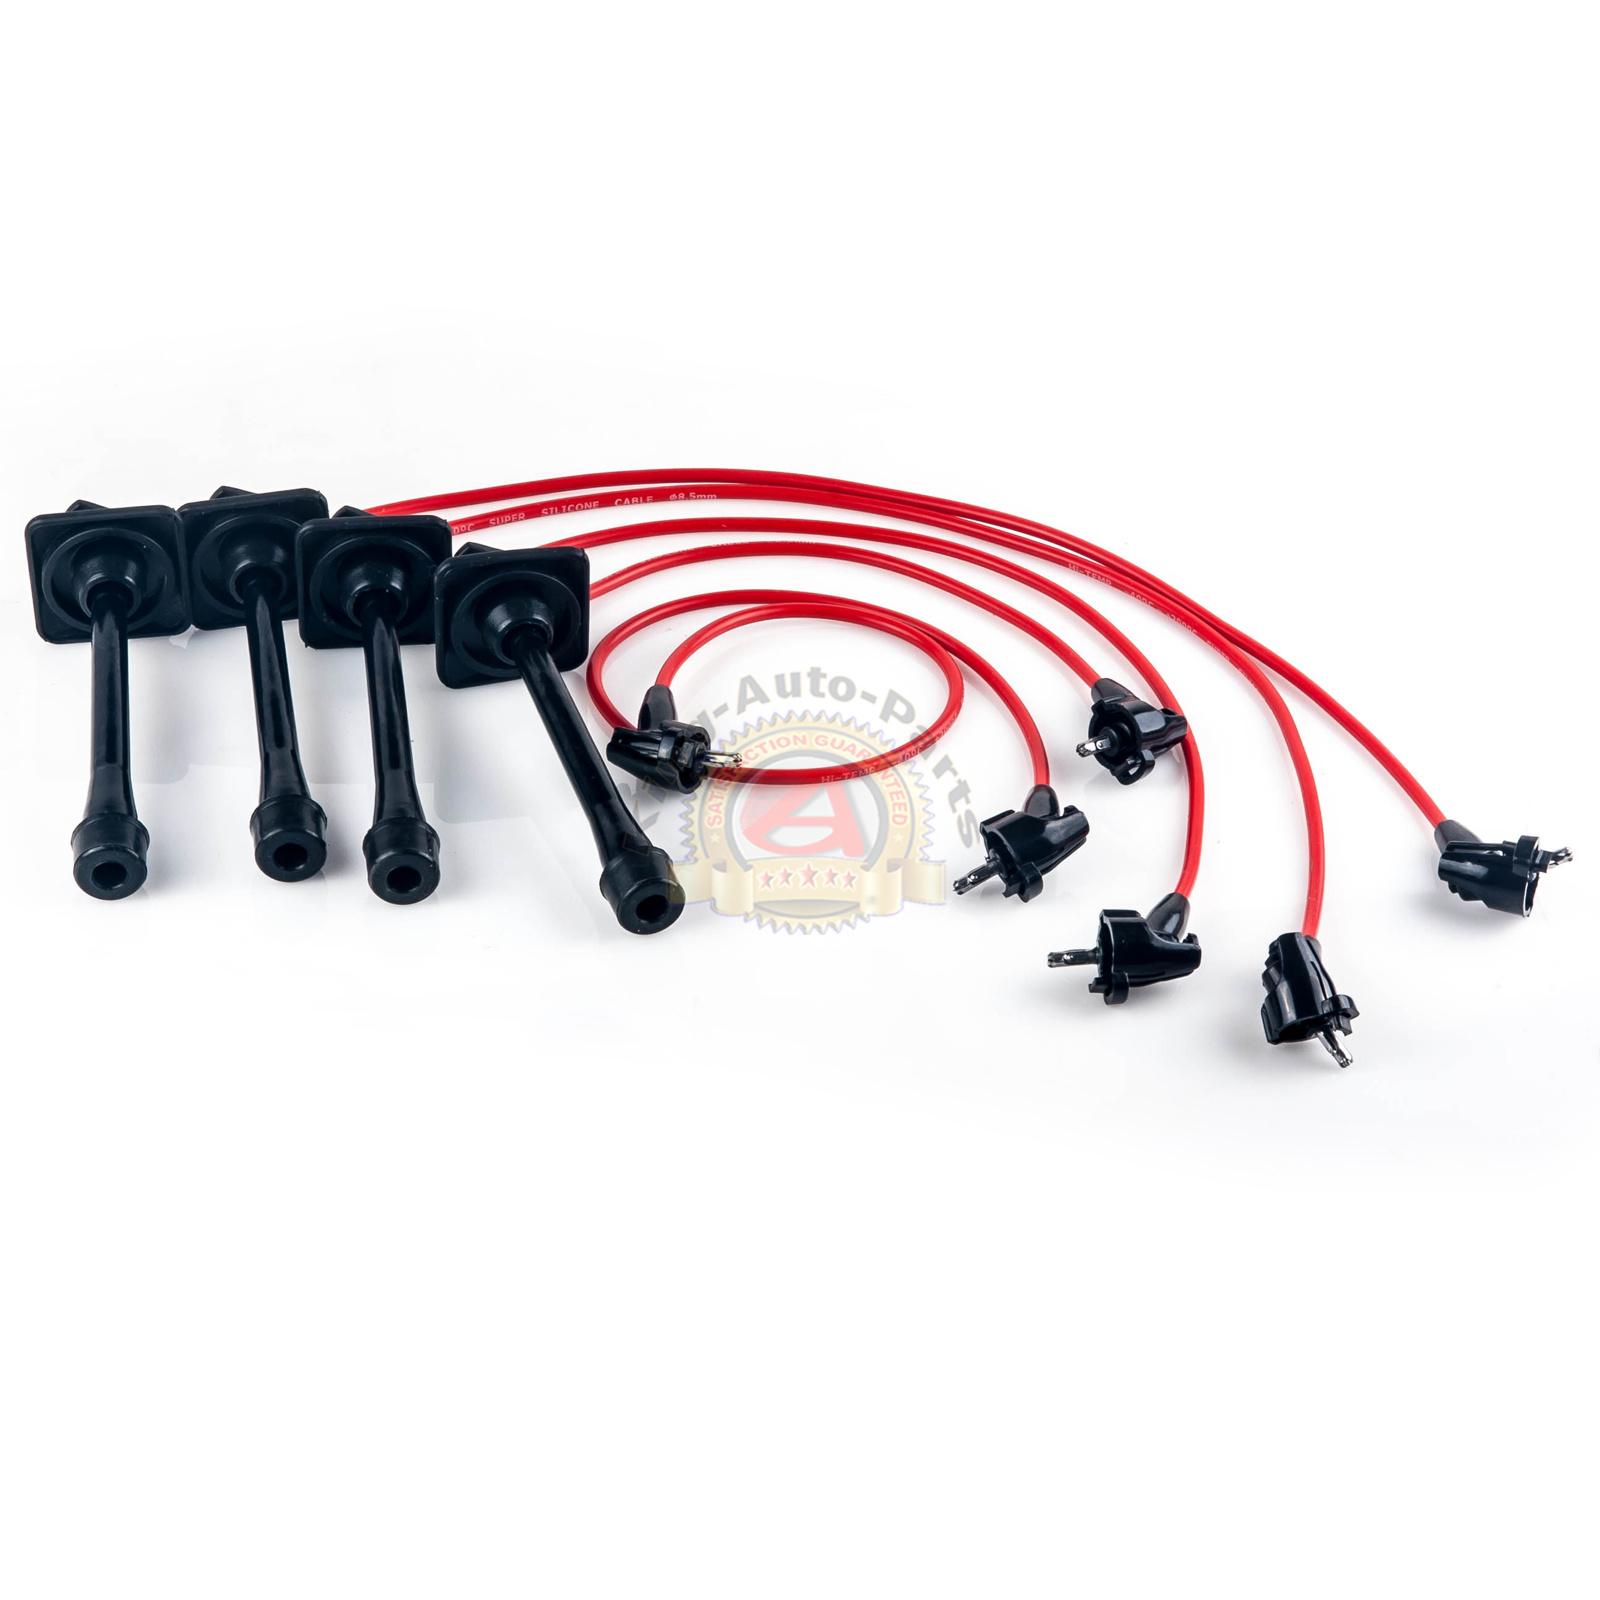 Ignition Spark Plug Wires Set for 92-96 97 Toyota Camry Celica MR2 Rav4 2.2L